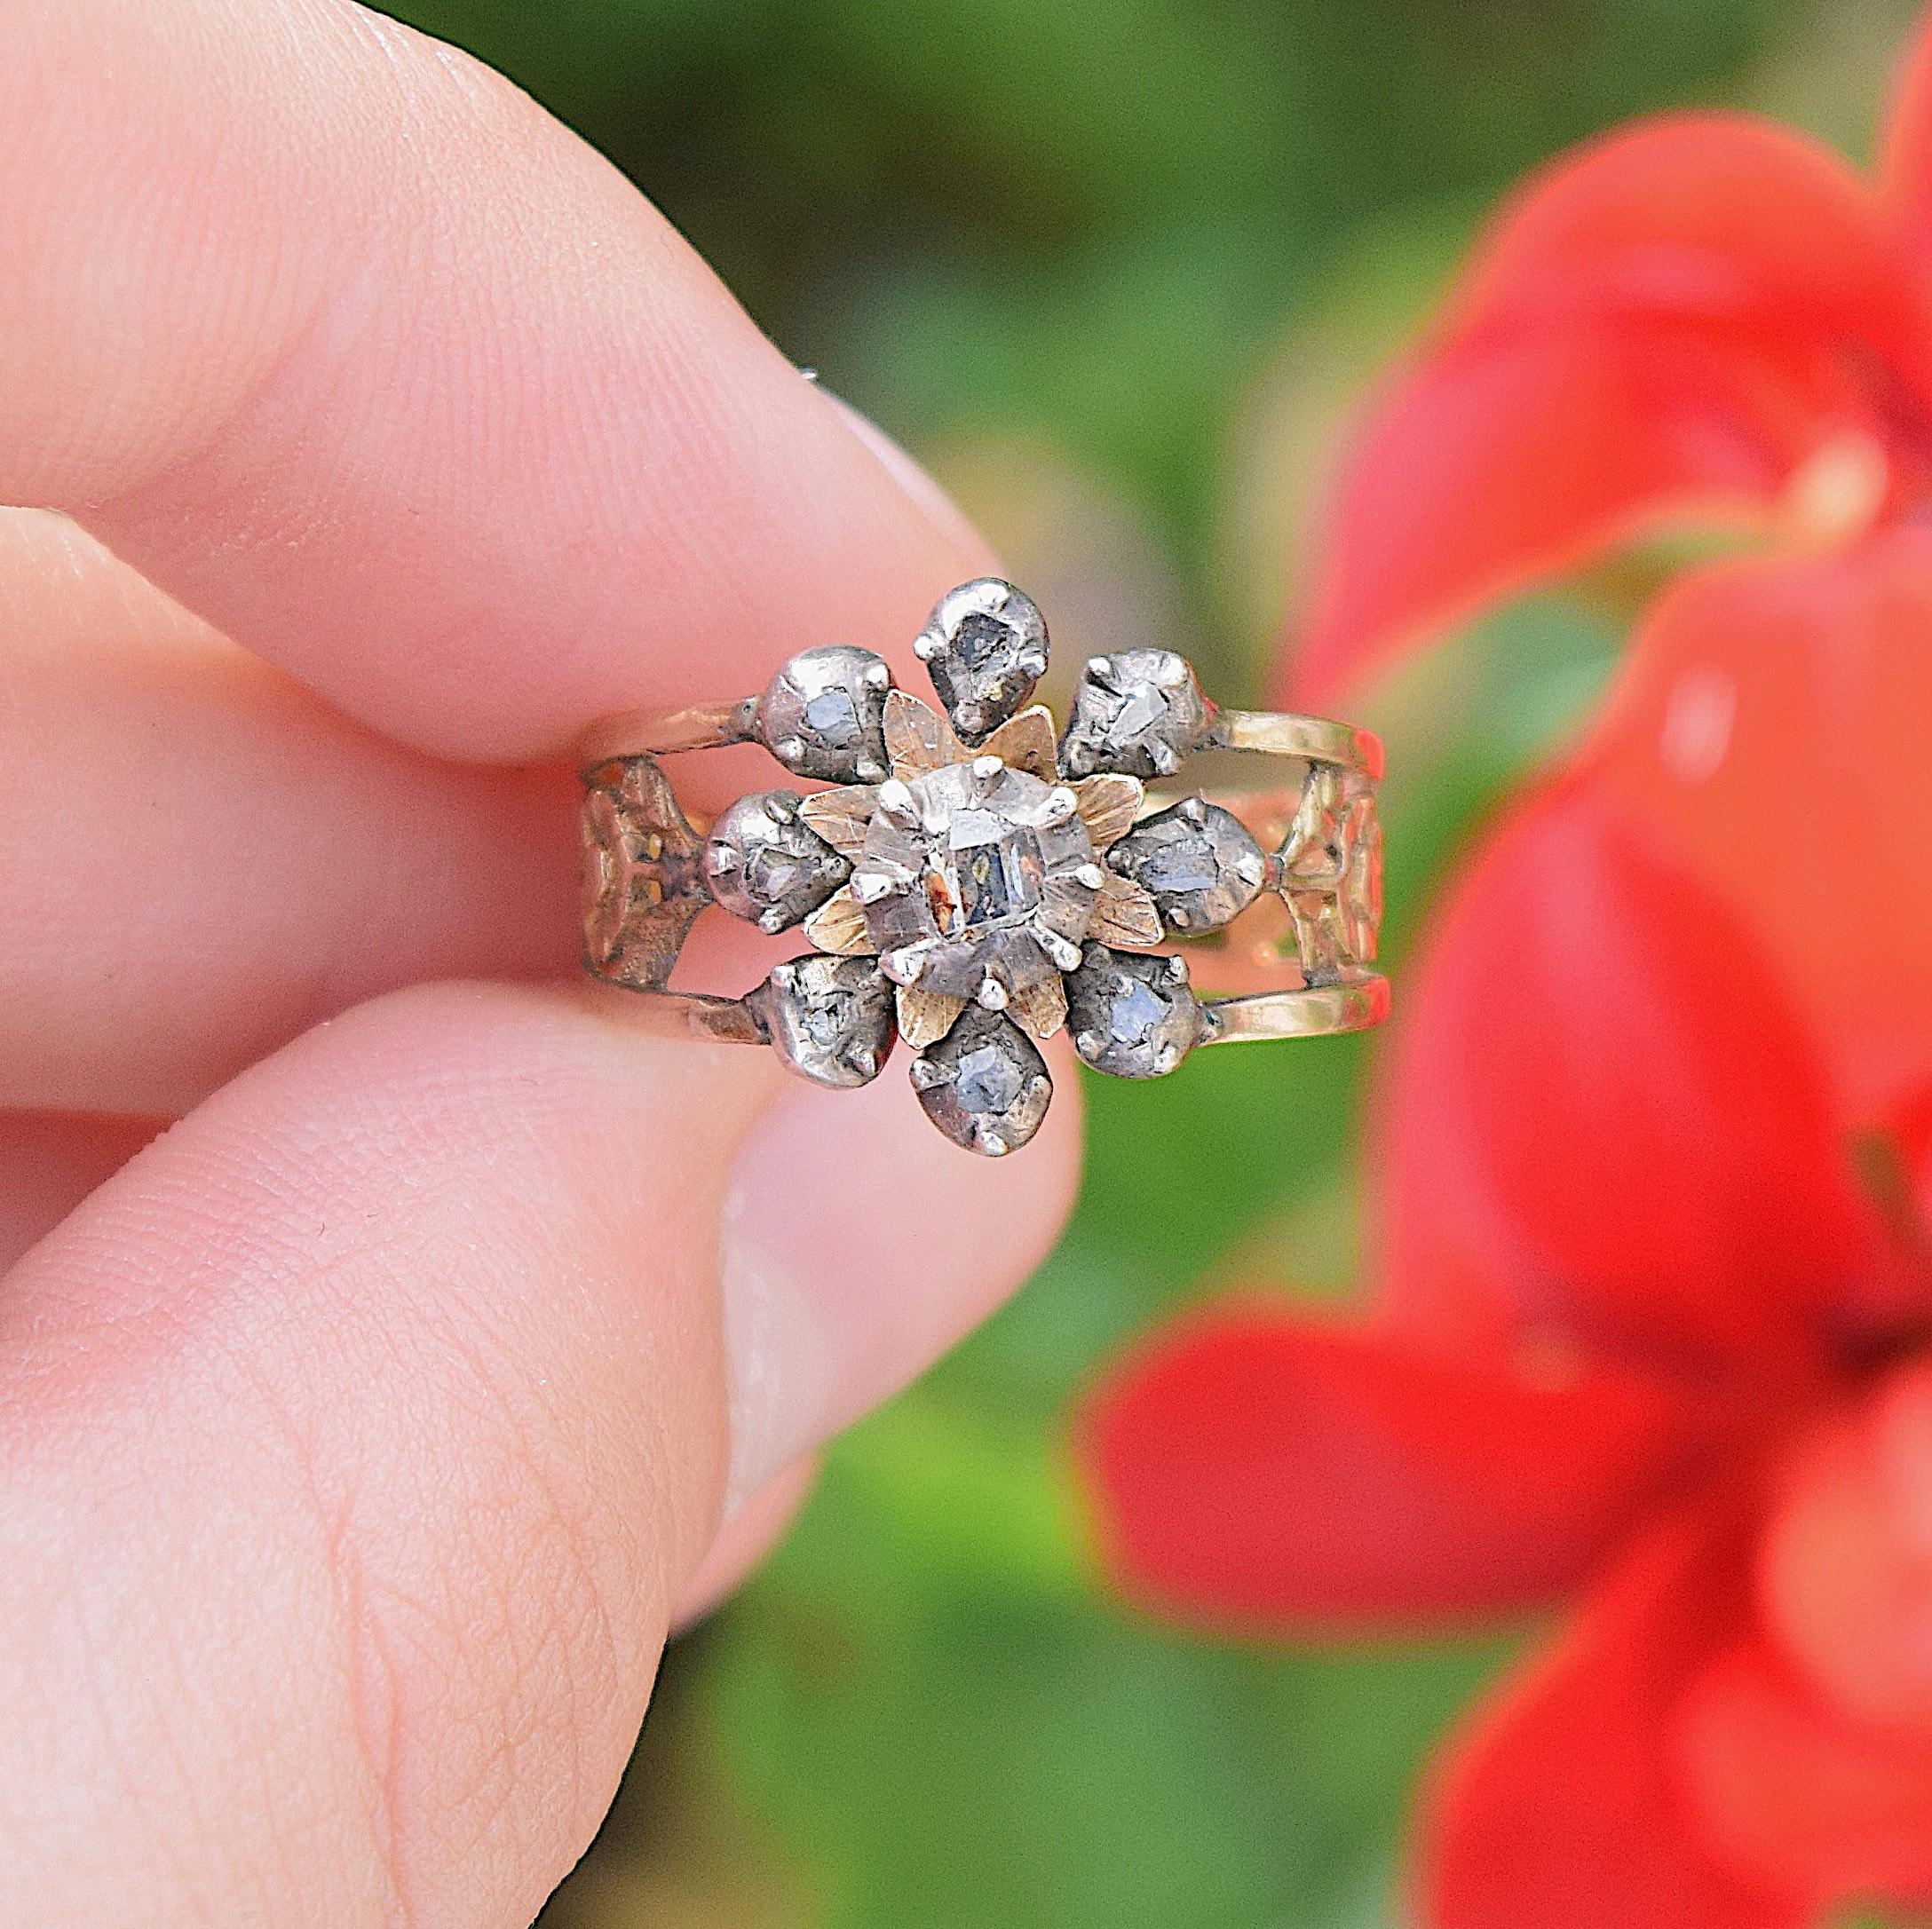 טבעת ג'ורג'יאנית ,עם יהלומים וחישוק זהב מעוטר בפרחים .